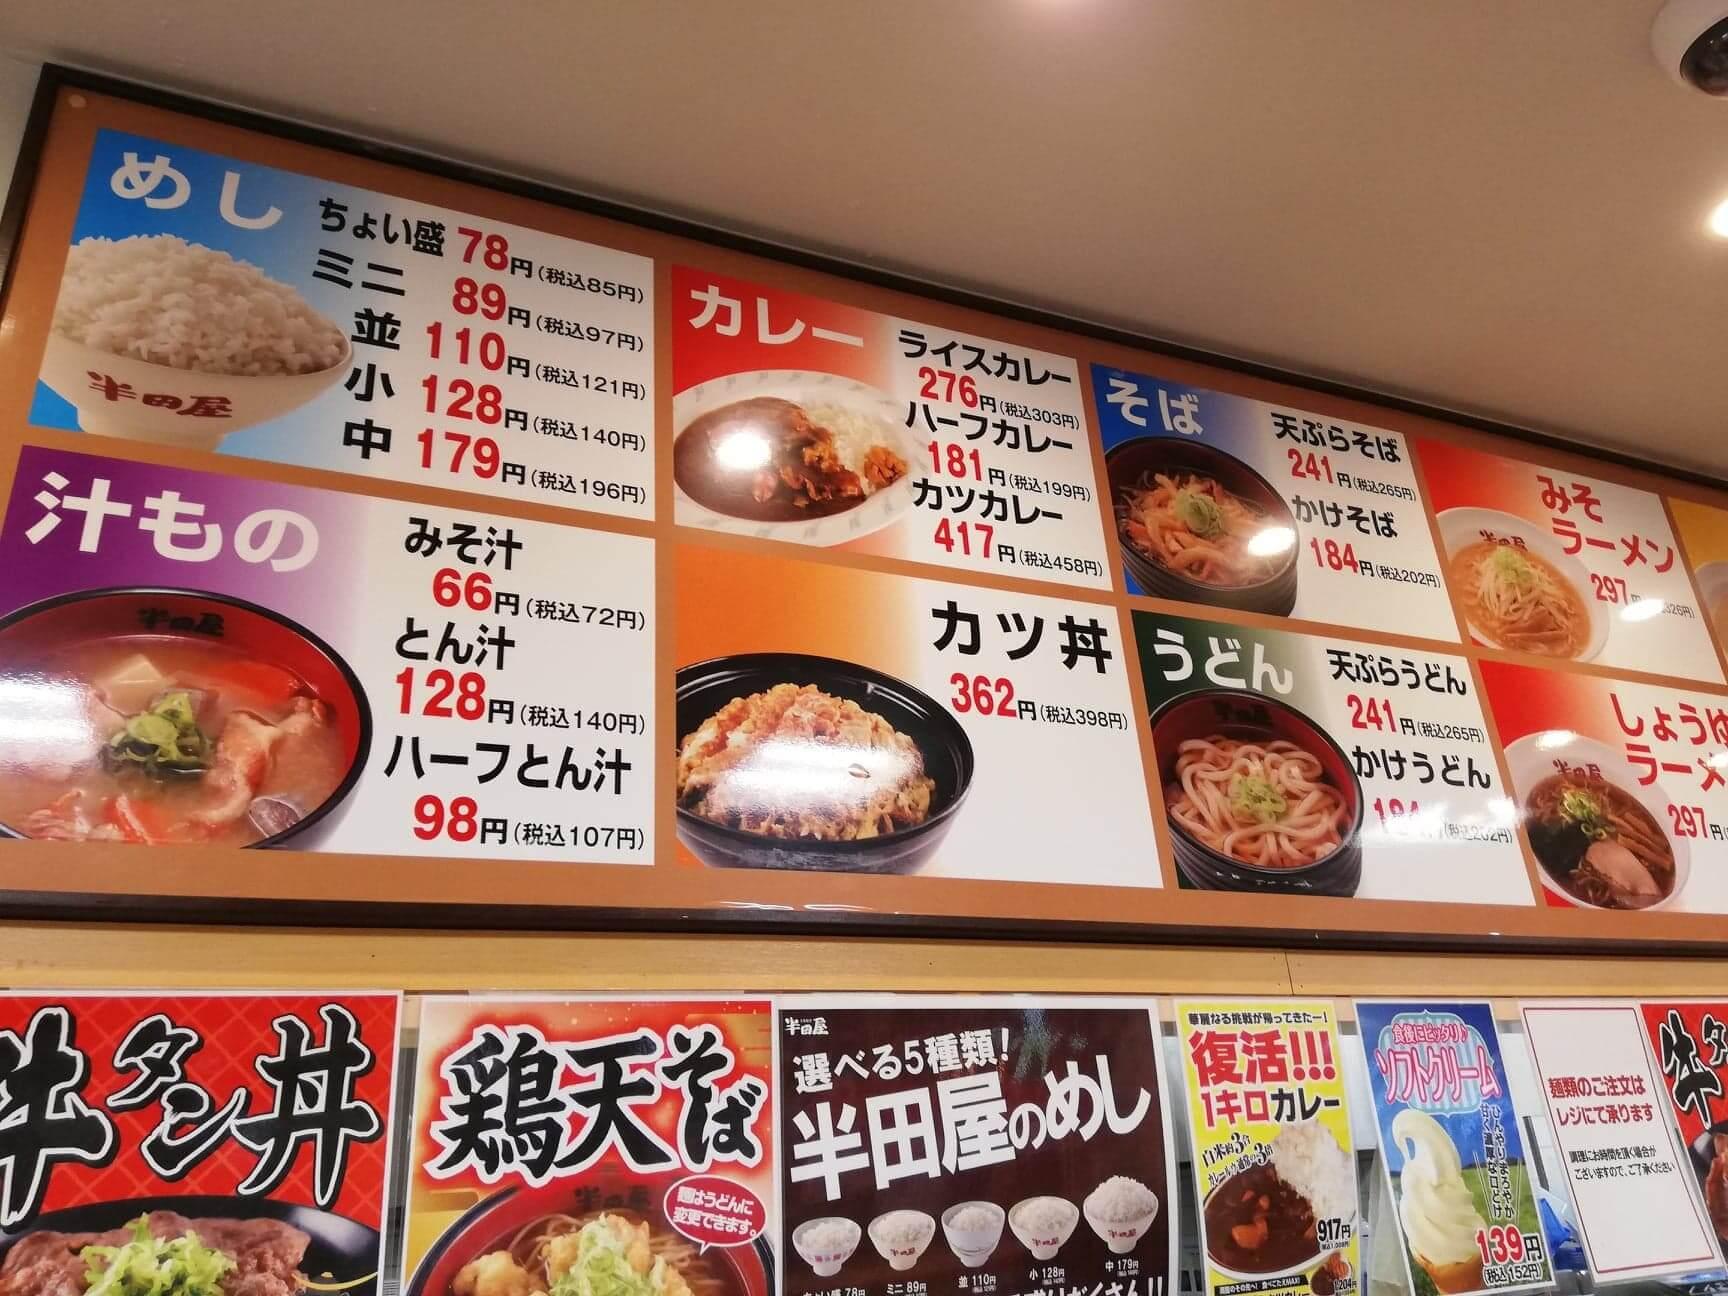 宮城県仙台市『大衆食堂半田屋東口BiVi店』のメニュー表写真